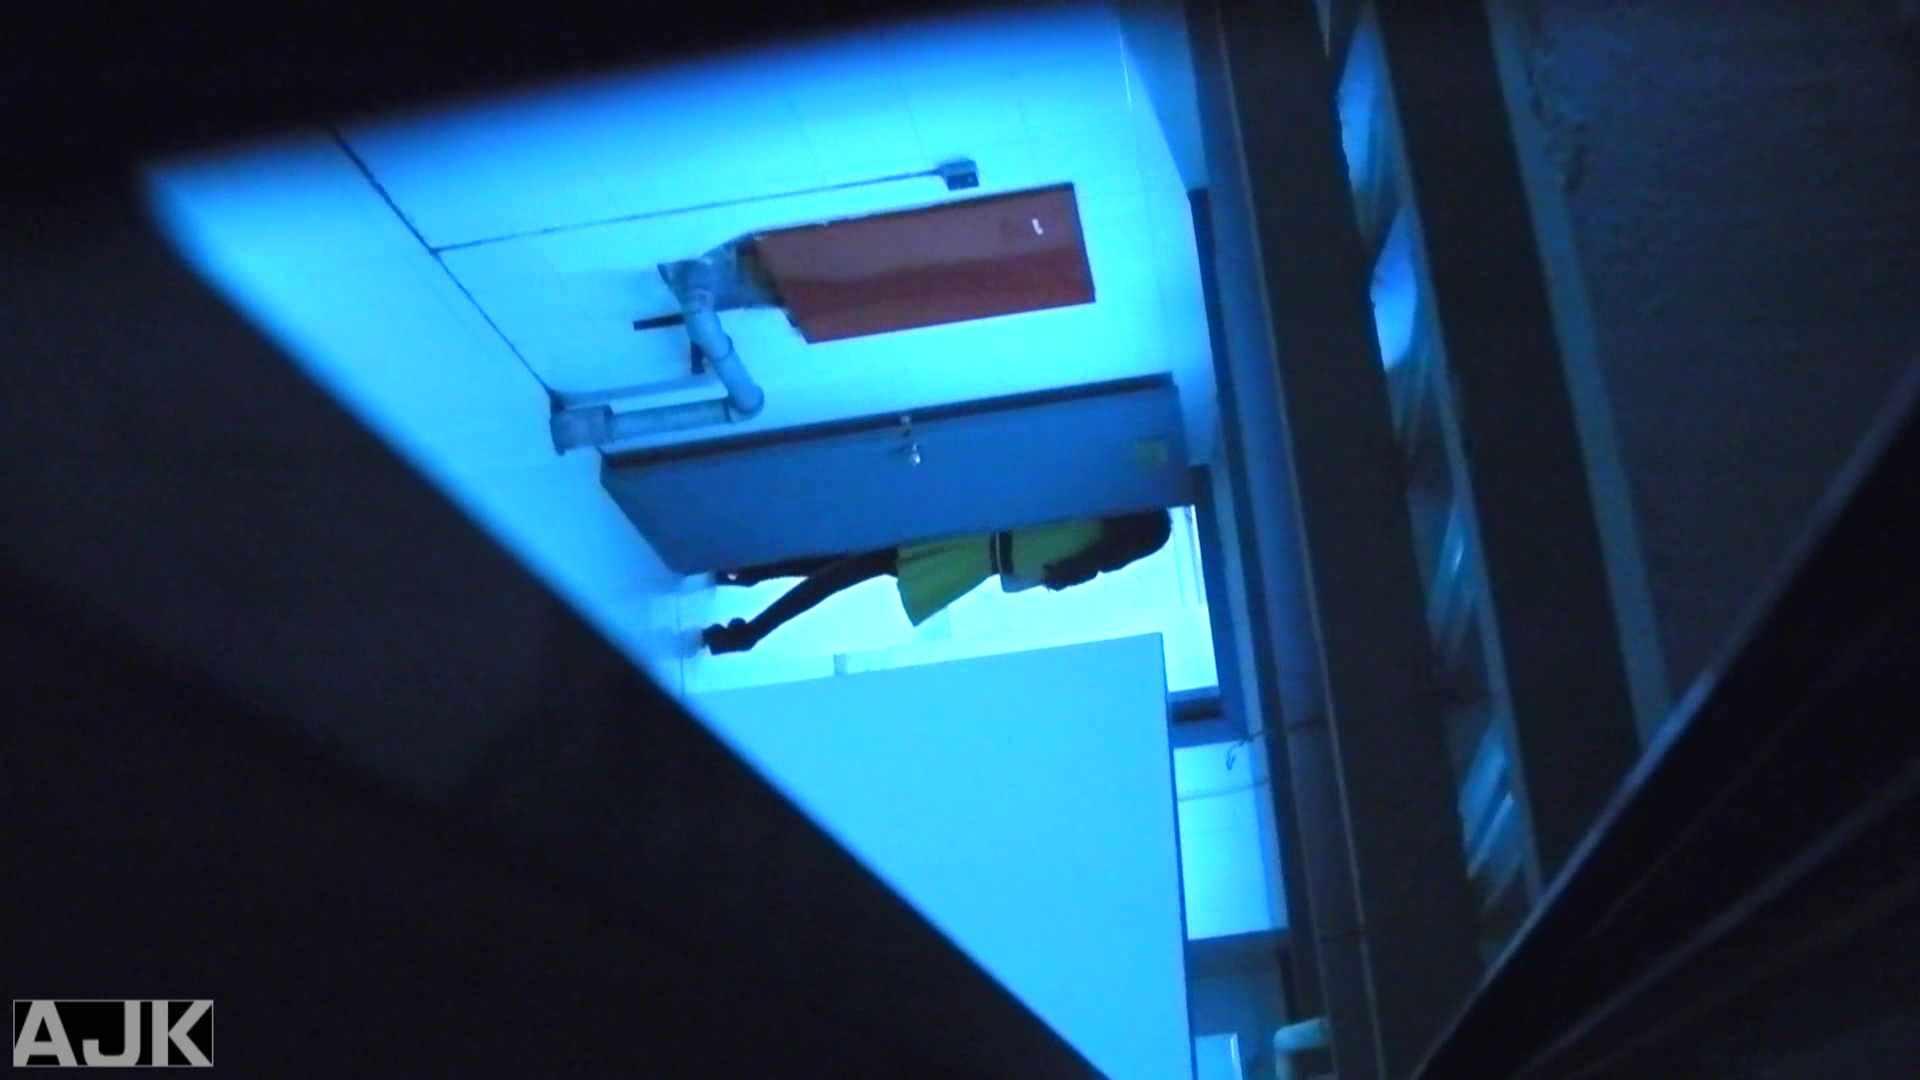 神降臨!史上最強の潜入かわや! vol.22 潜入突撃 隠し撮りオマンコ動画紹介 96pic 10